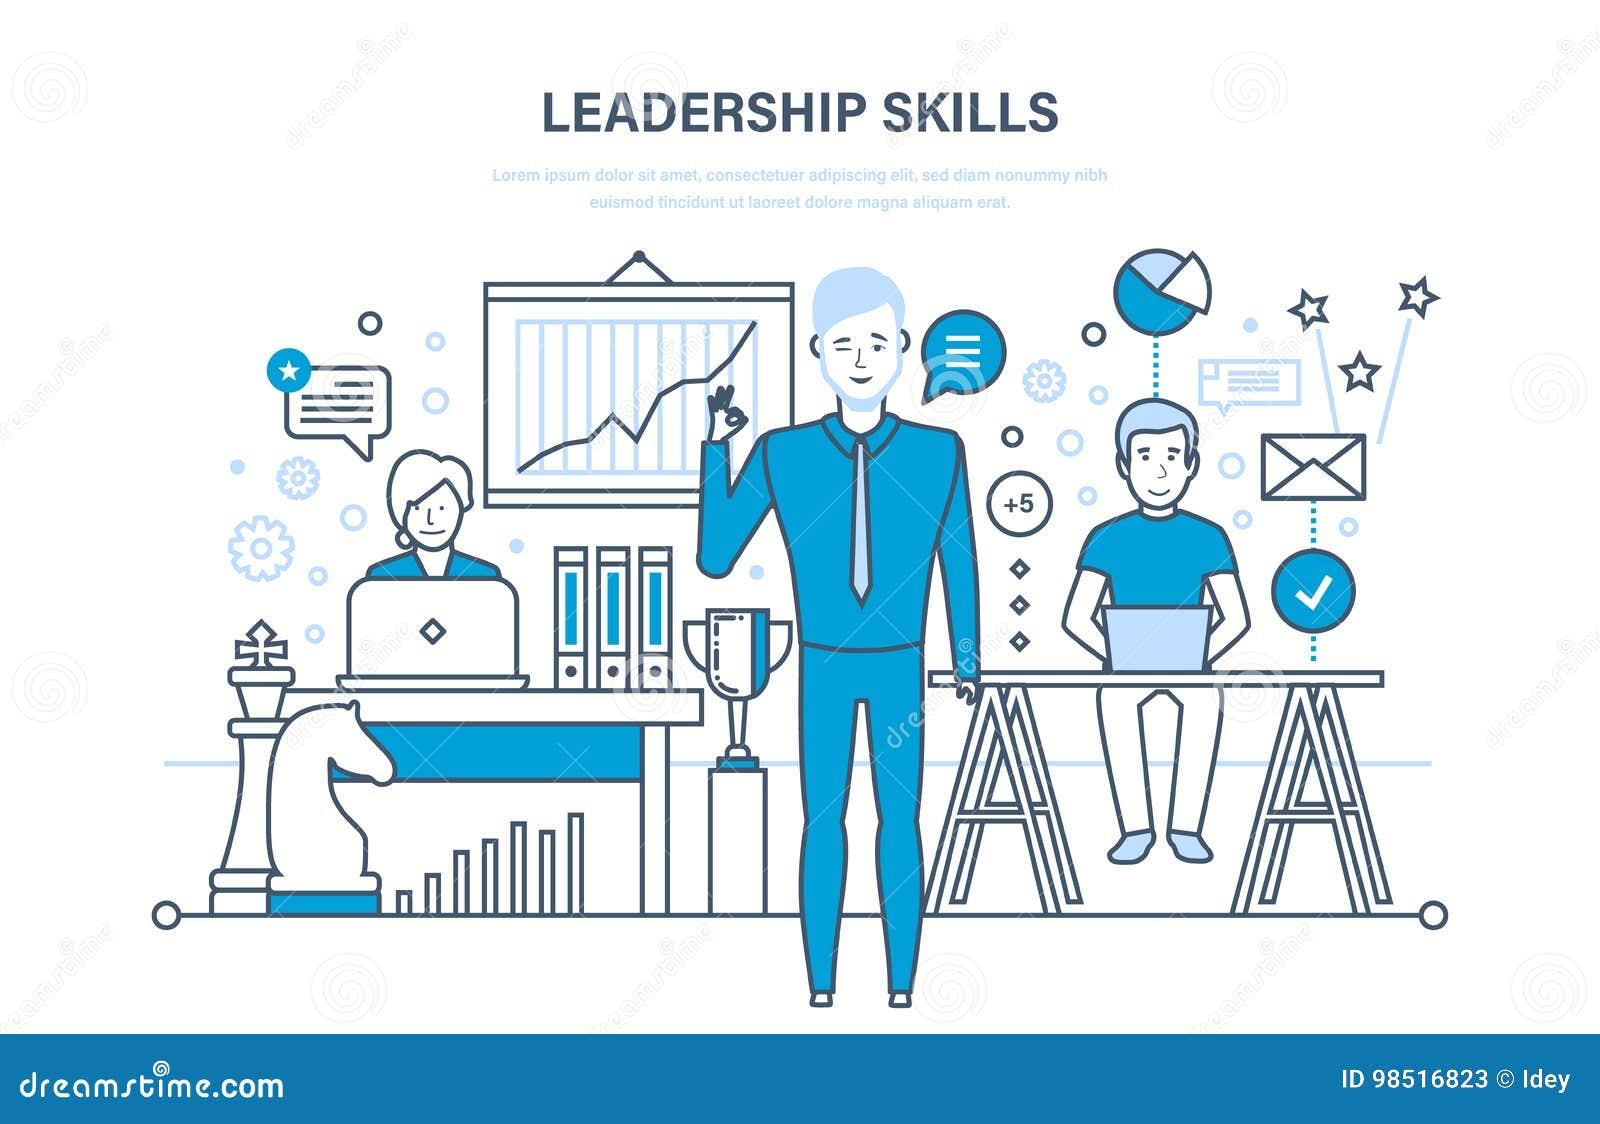 Habilidades da liderança, desenvolvimento da liderança, gestão, crescimento da carreira, qualidades pessoais da melhoria